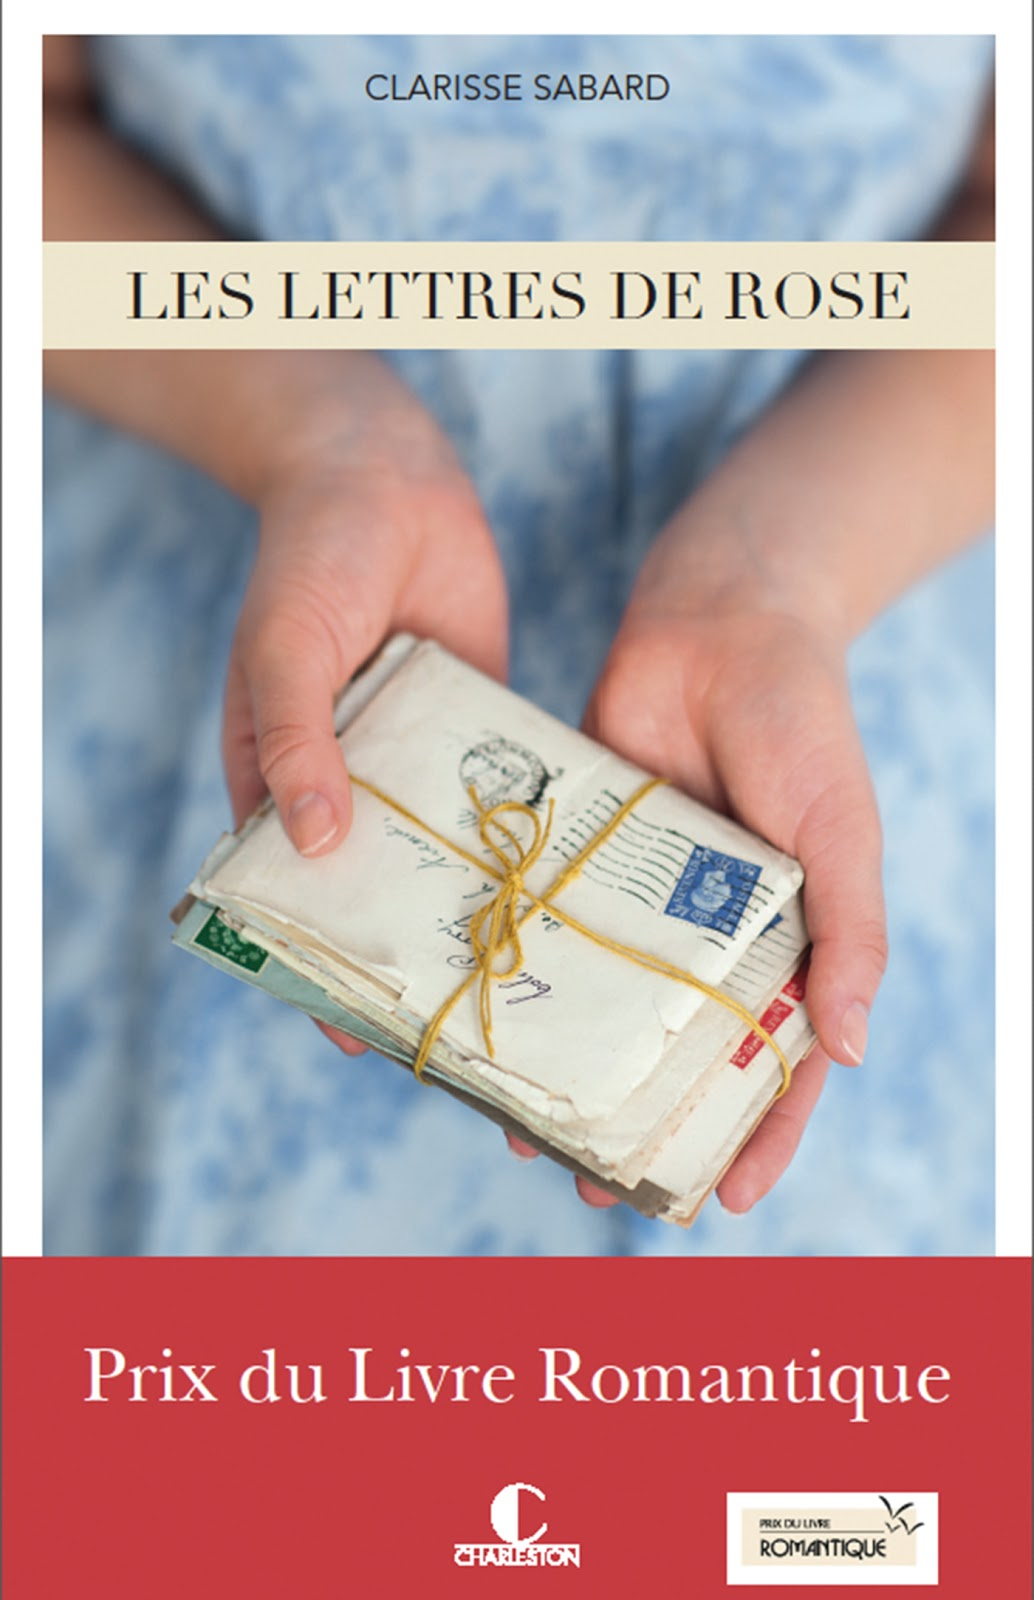 09-sabard_les_lettres_de_rose